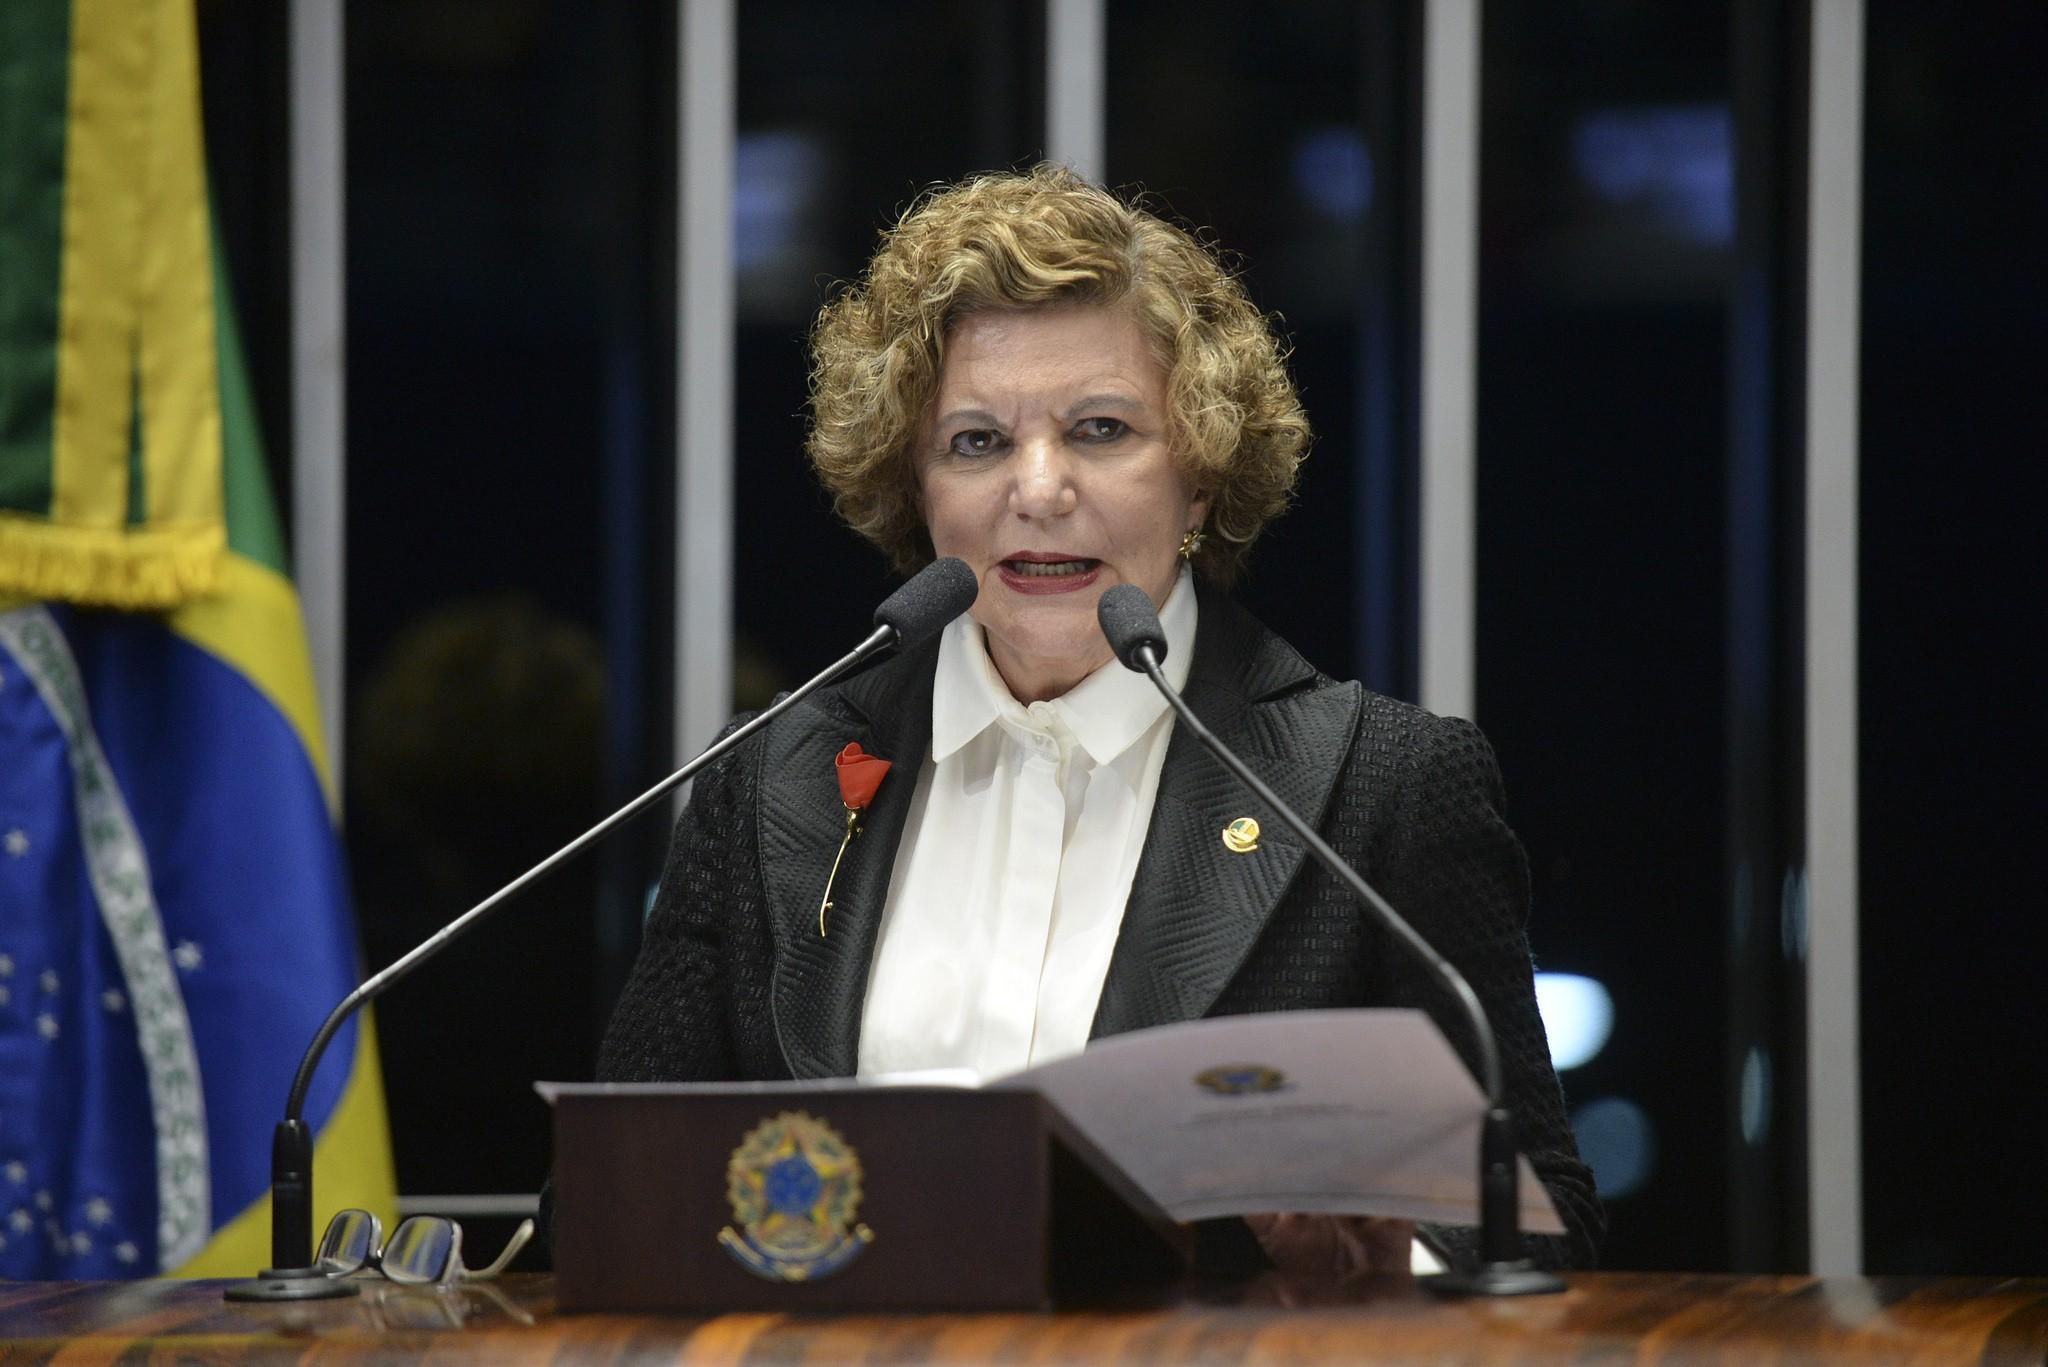 Senadora Lúcia Vânia (PSB-GO)